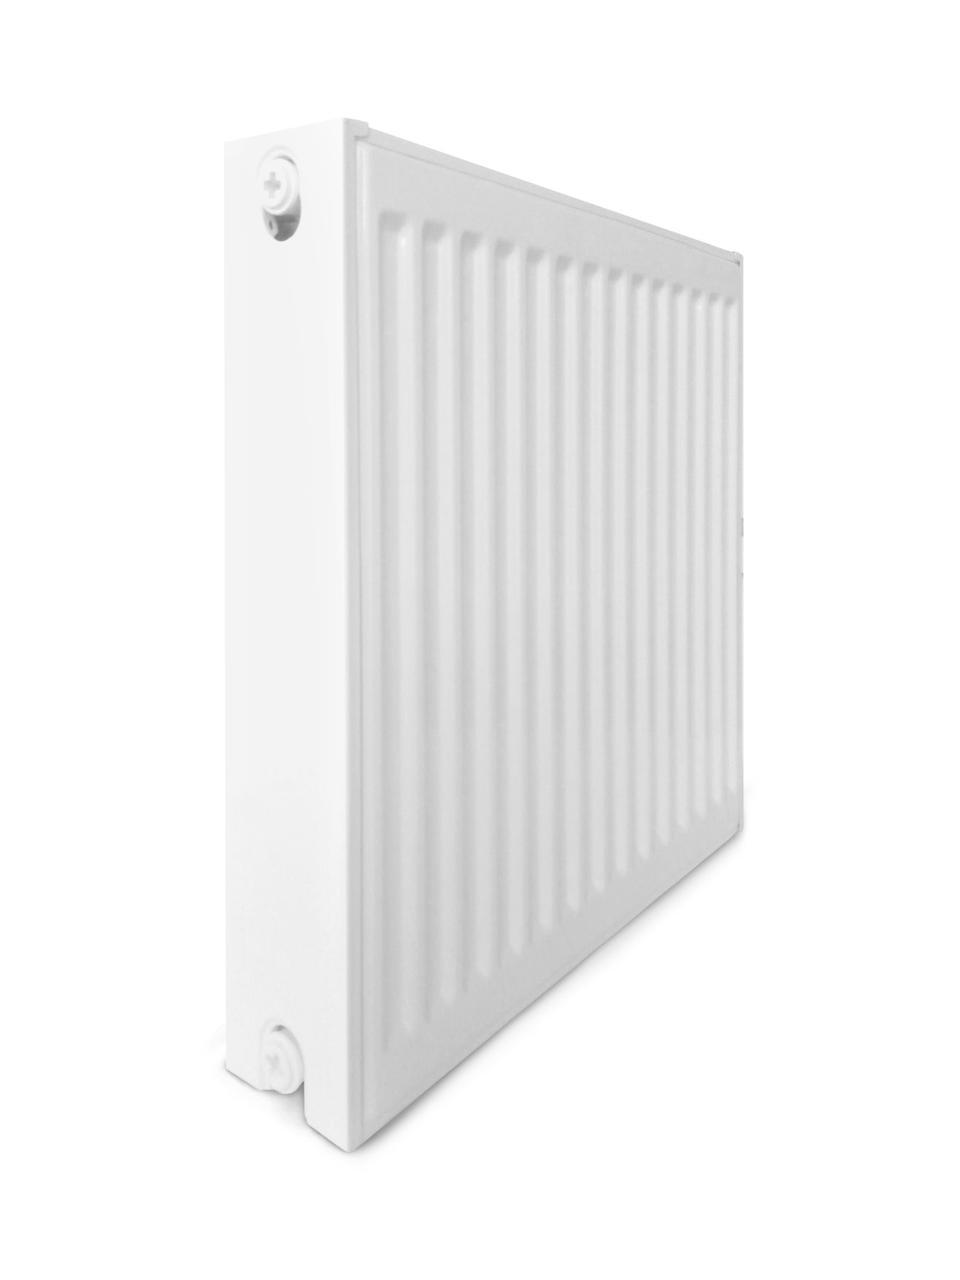 Радиатор стальной панельный Optimum боковой 500 на 600 мм тип 22 (1224 Вт)